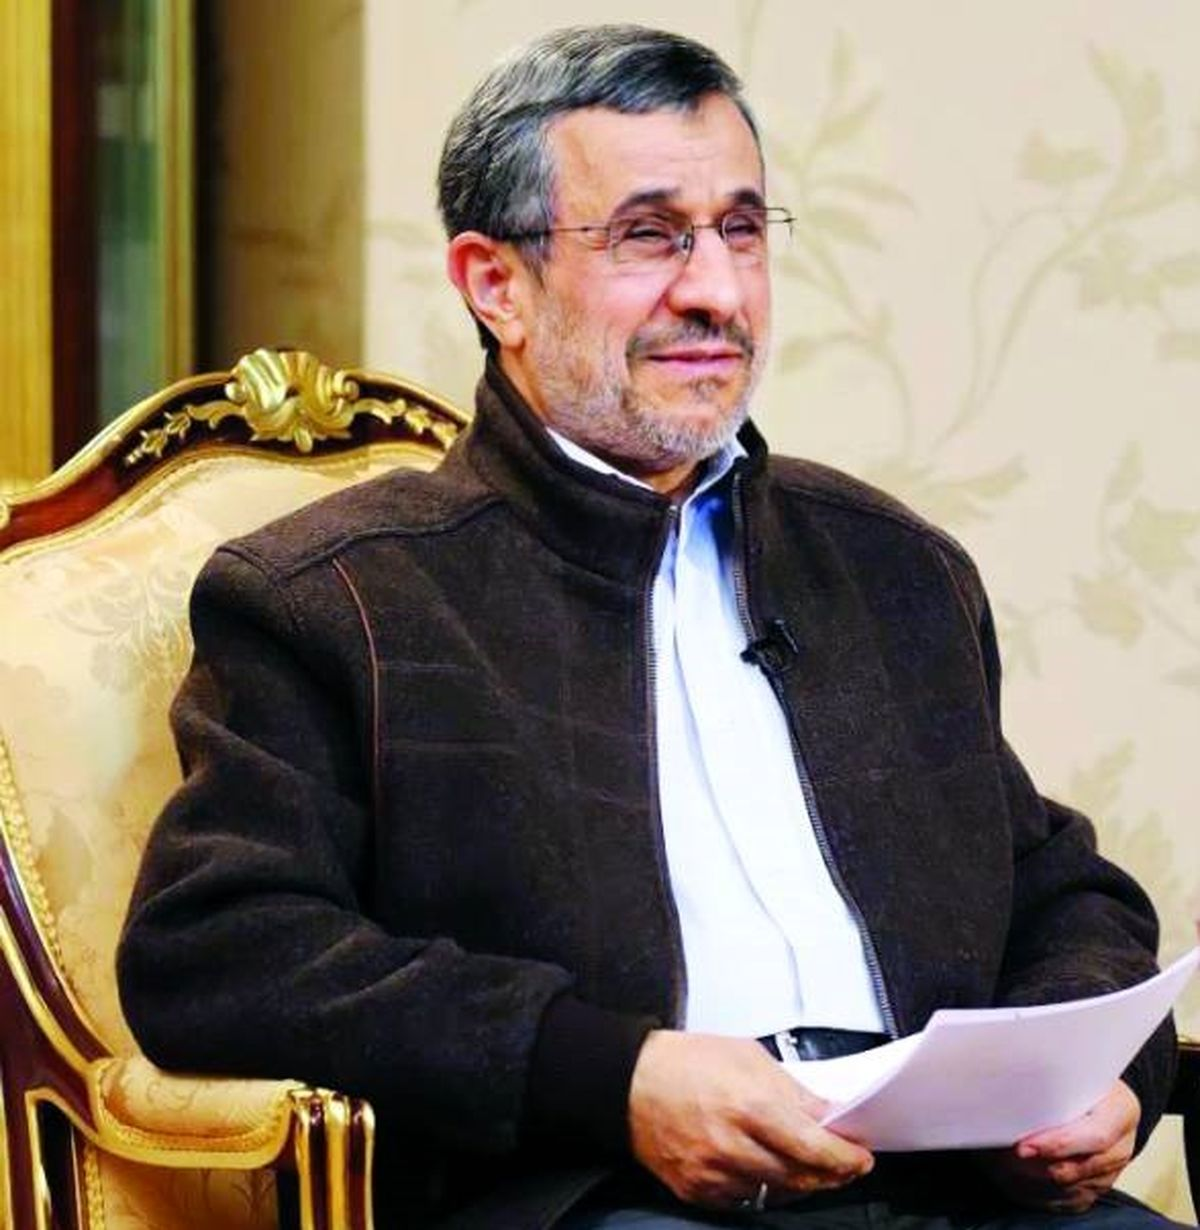 احمدی نژاد: همکاری ایران و عربستان منطقه را تغییر میدهد